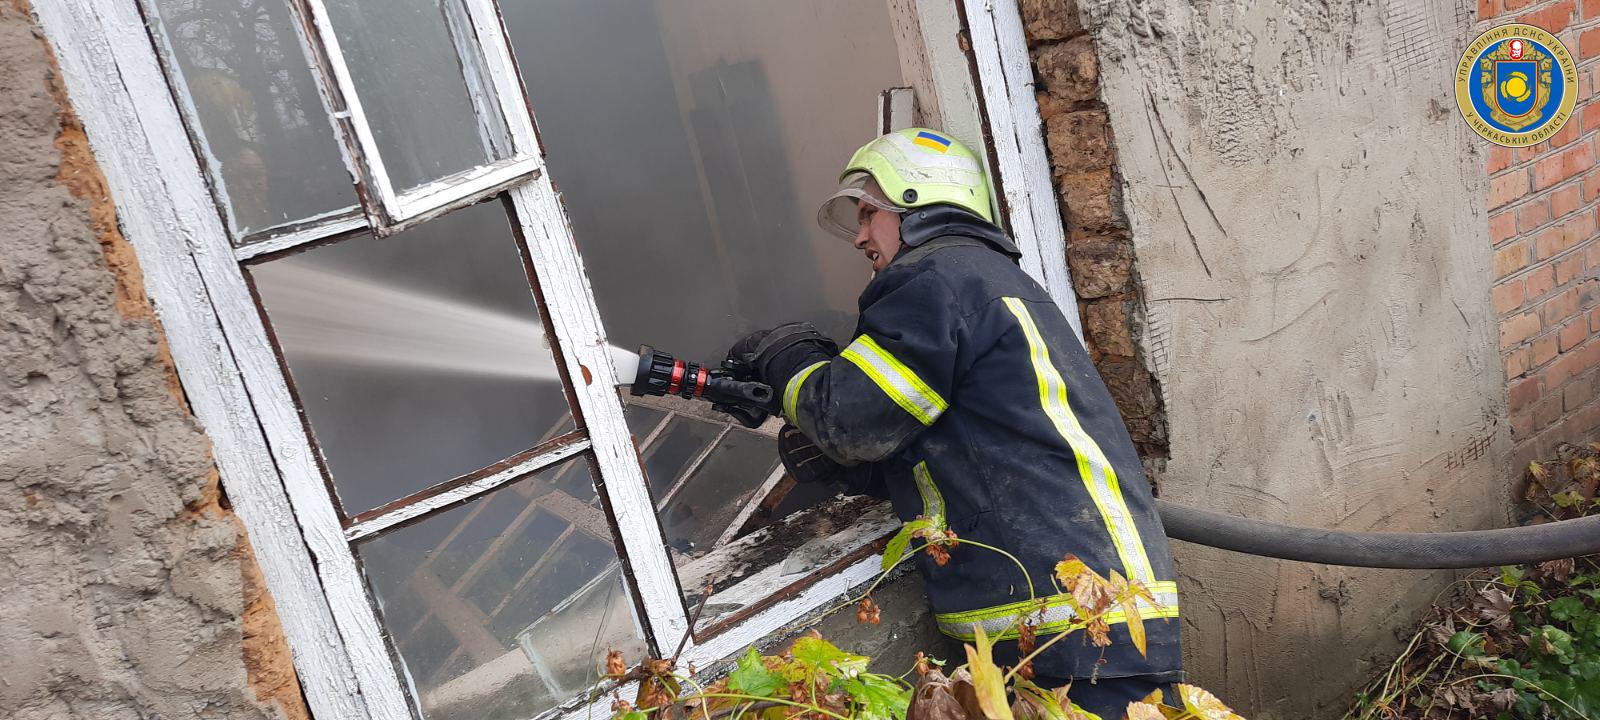 Унаслідок пожежі на Христинівщині постраждала 60-річна жінка (ВІДЕО)